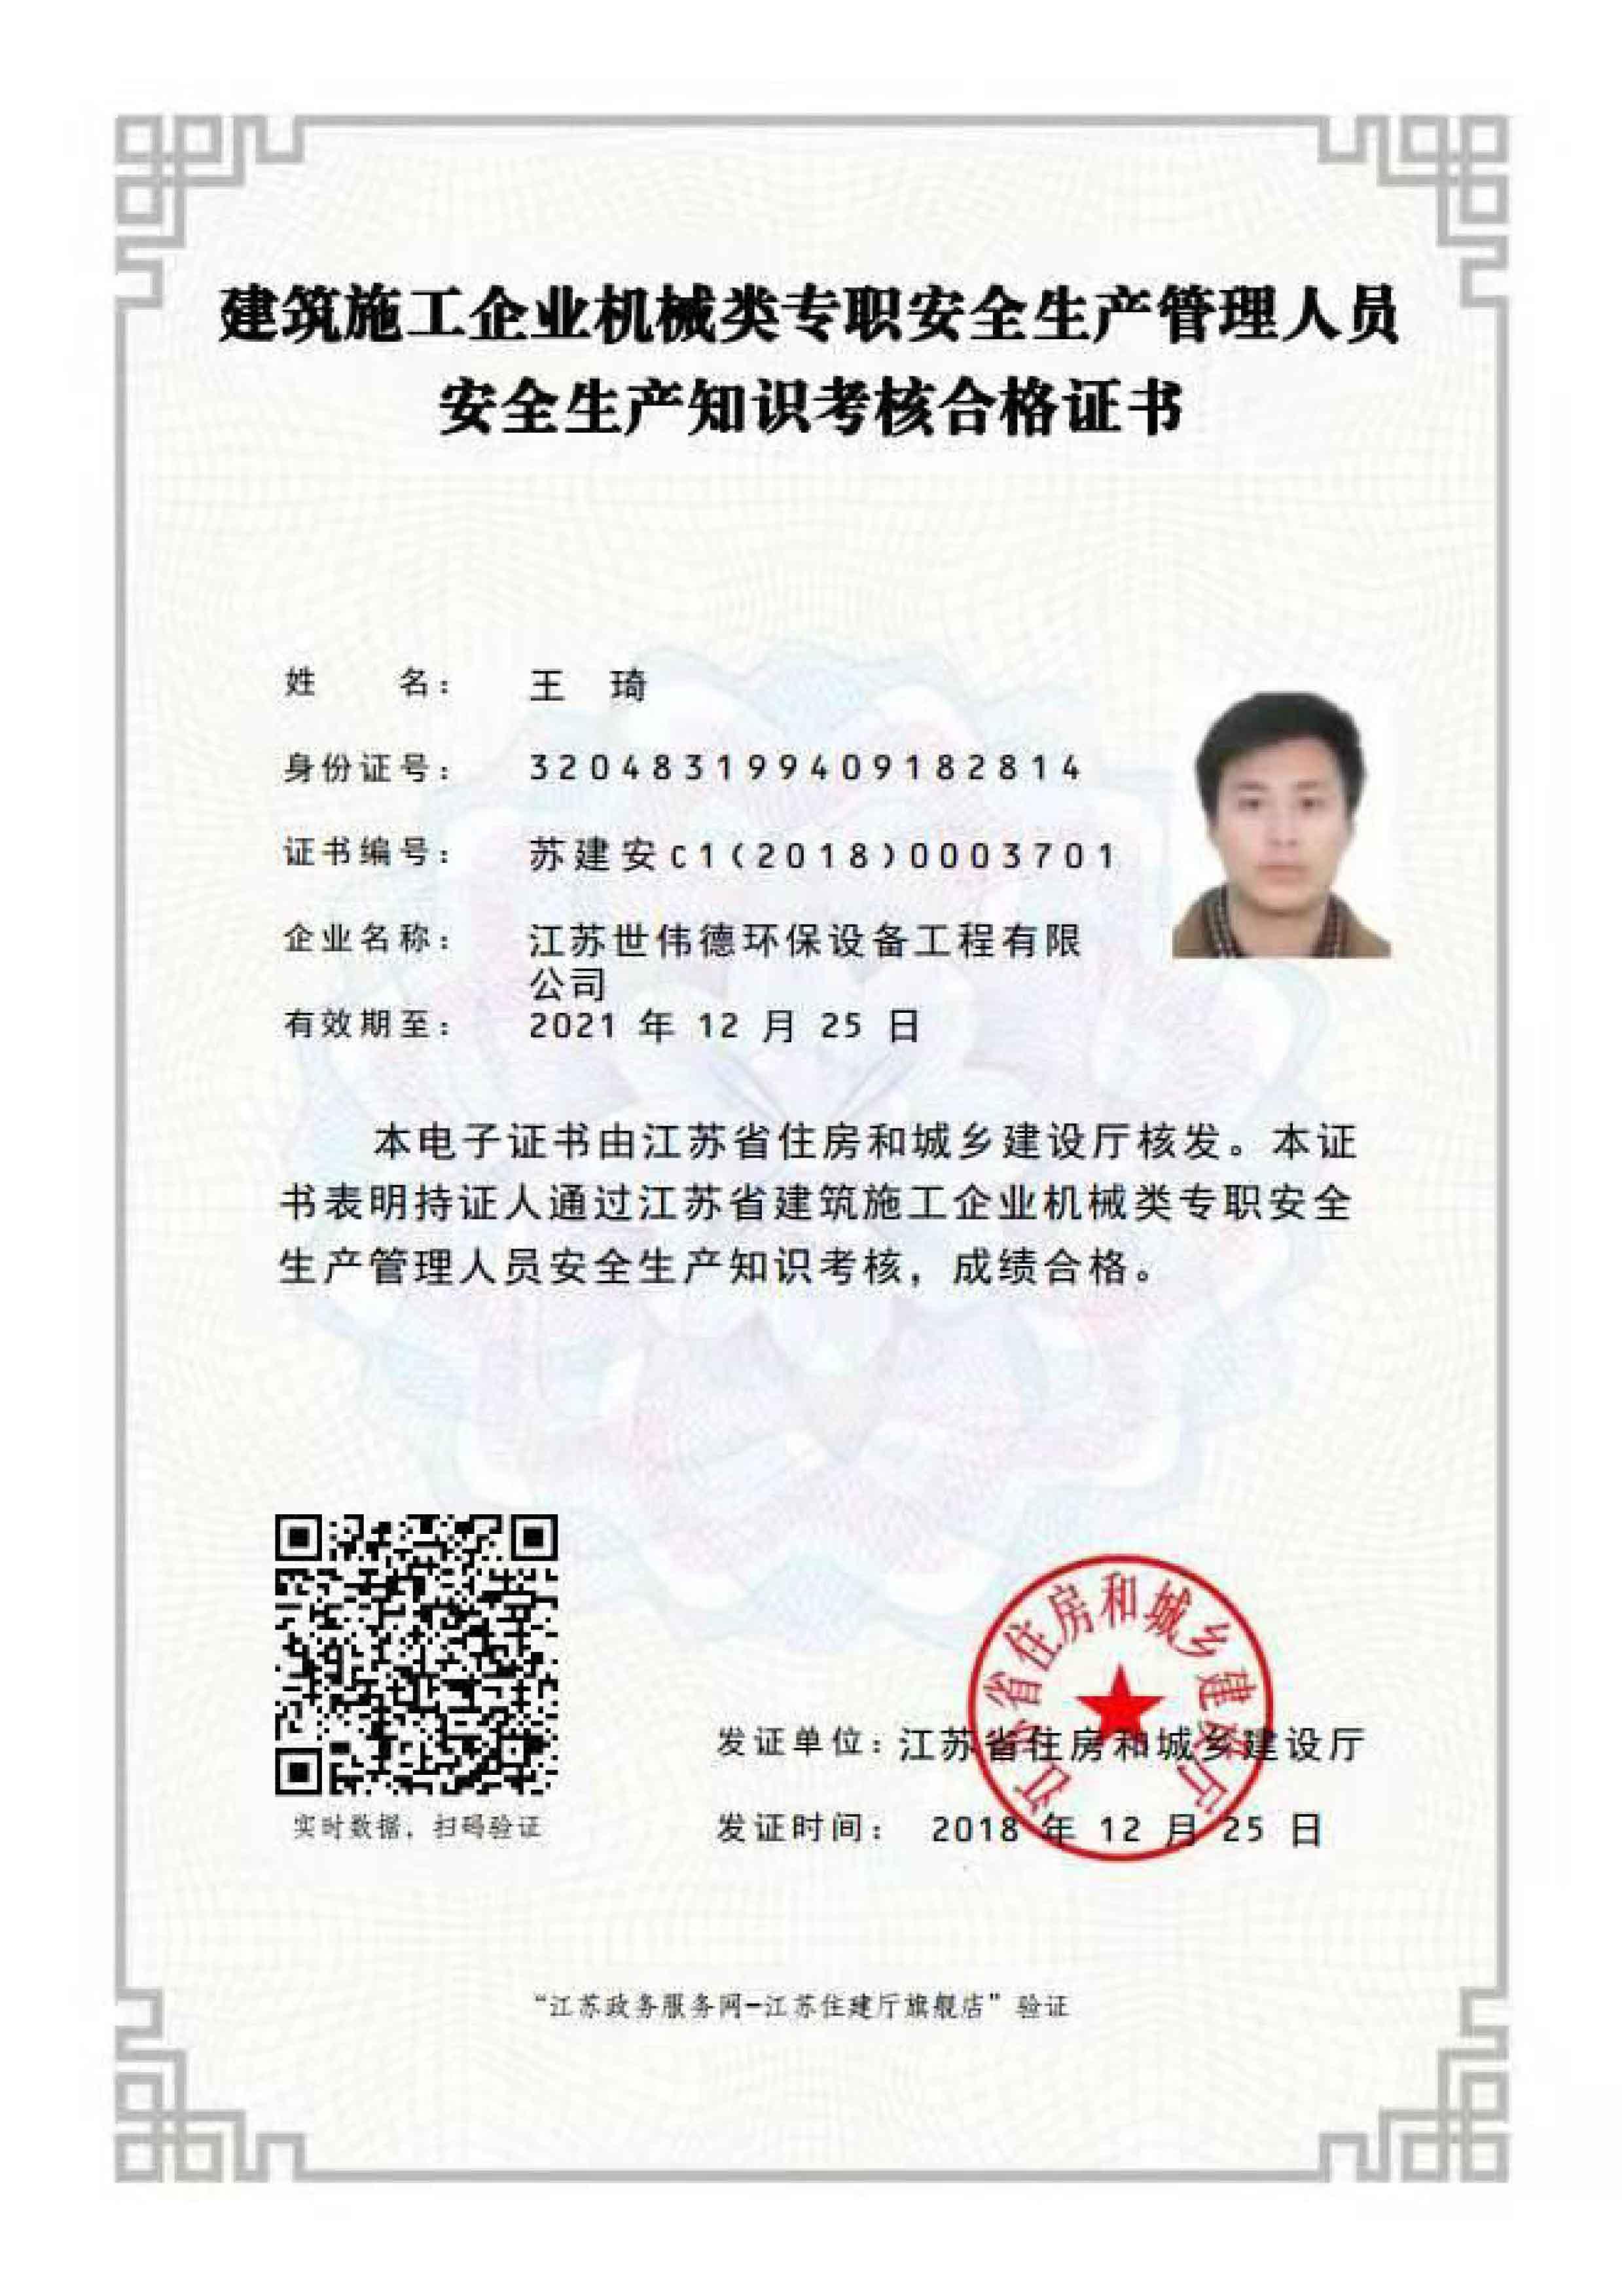 乐虎电子老虎机平台资质